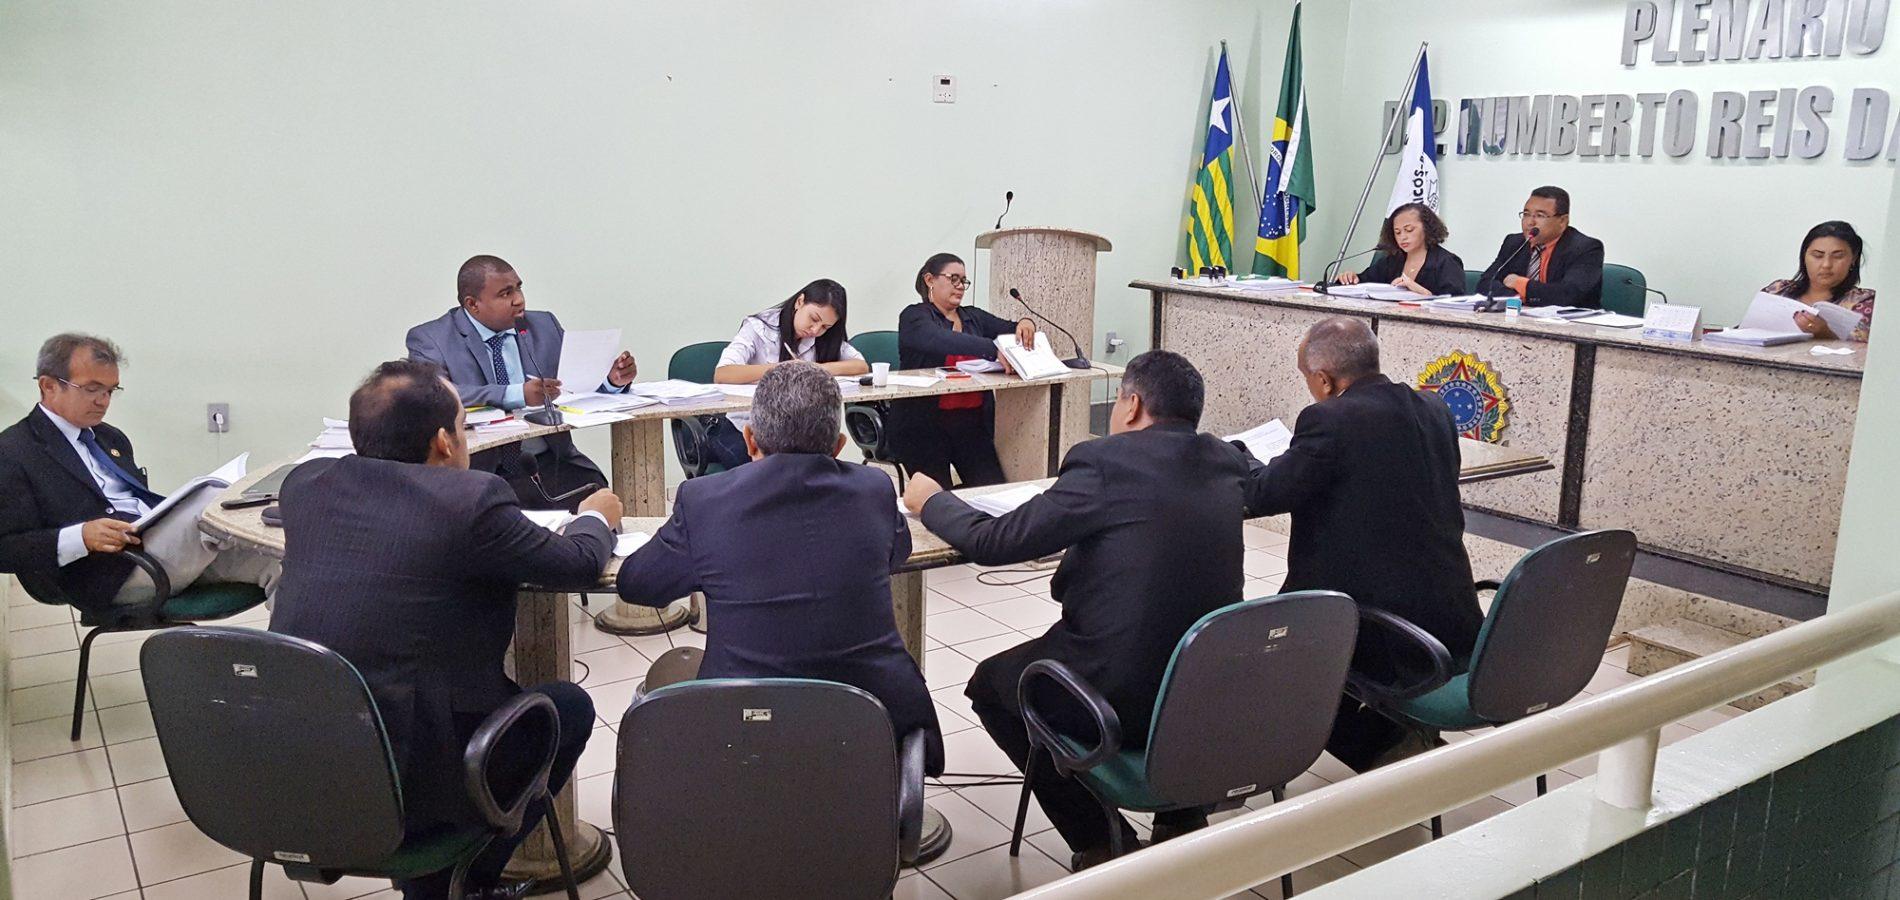 Câmara Municipal de Jaicós divulga pauta da sessão desta sexta-feira (13)